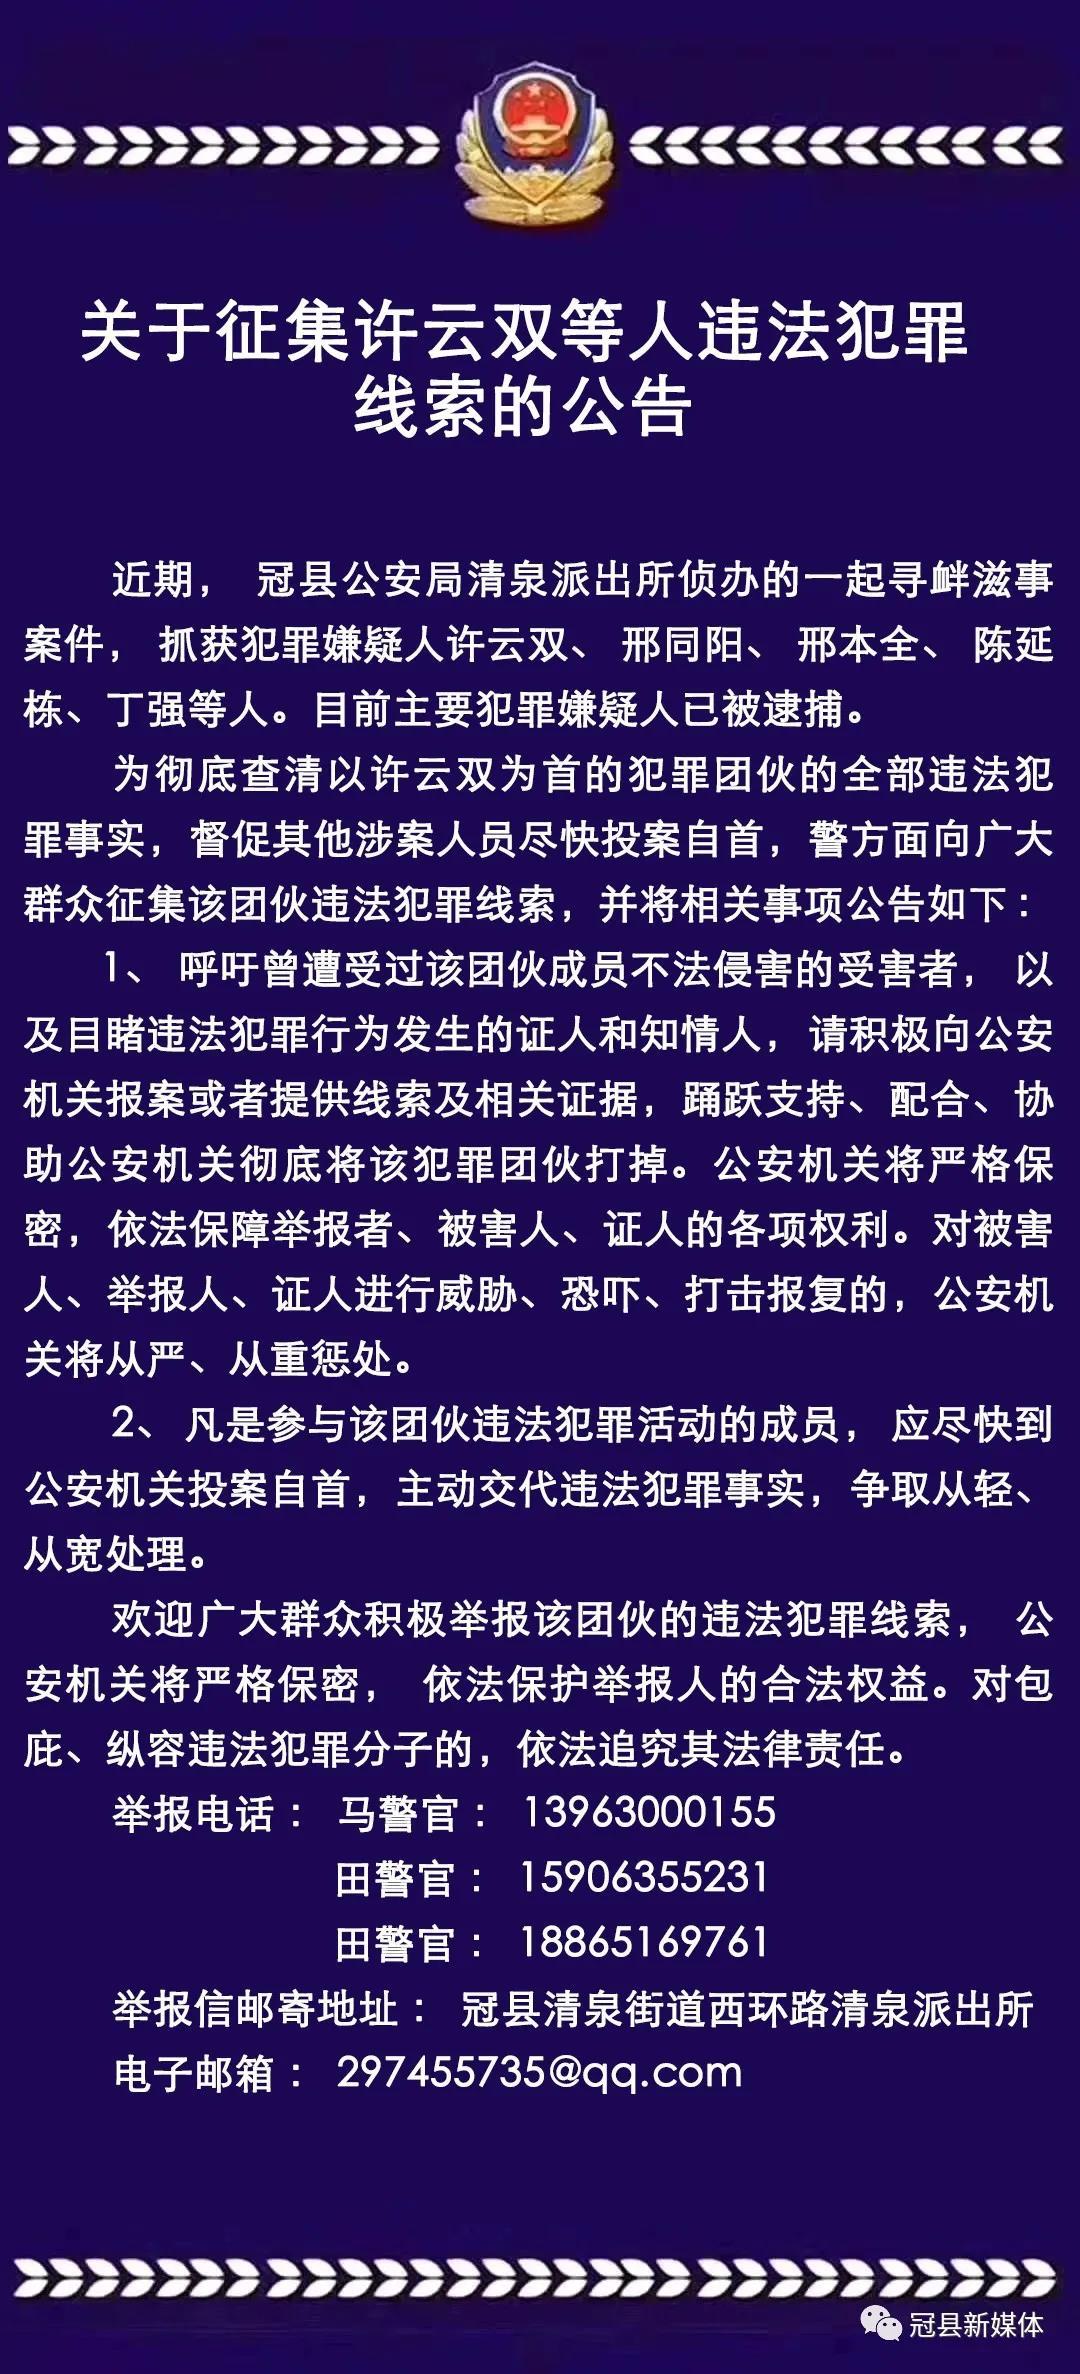 冠县警方发布公告!征集许云双等人违法犯罪的线索!